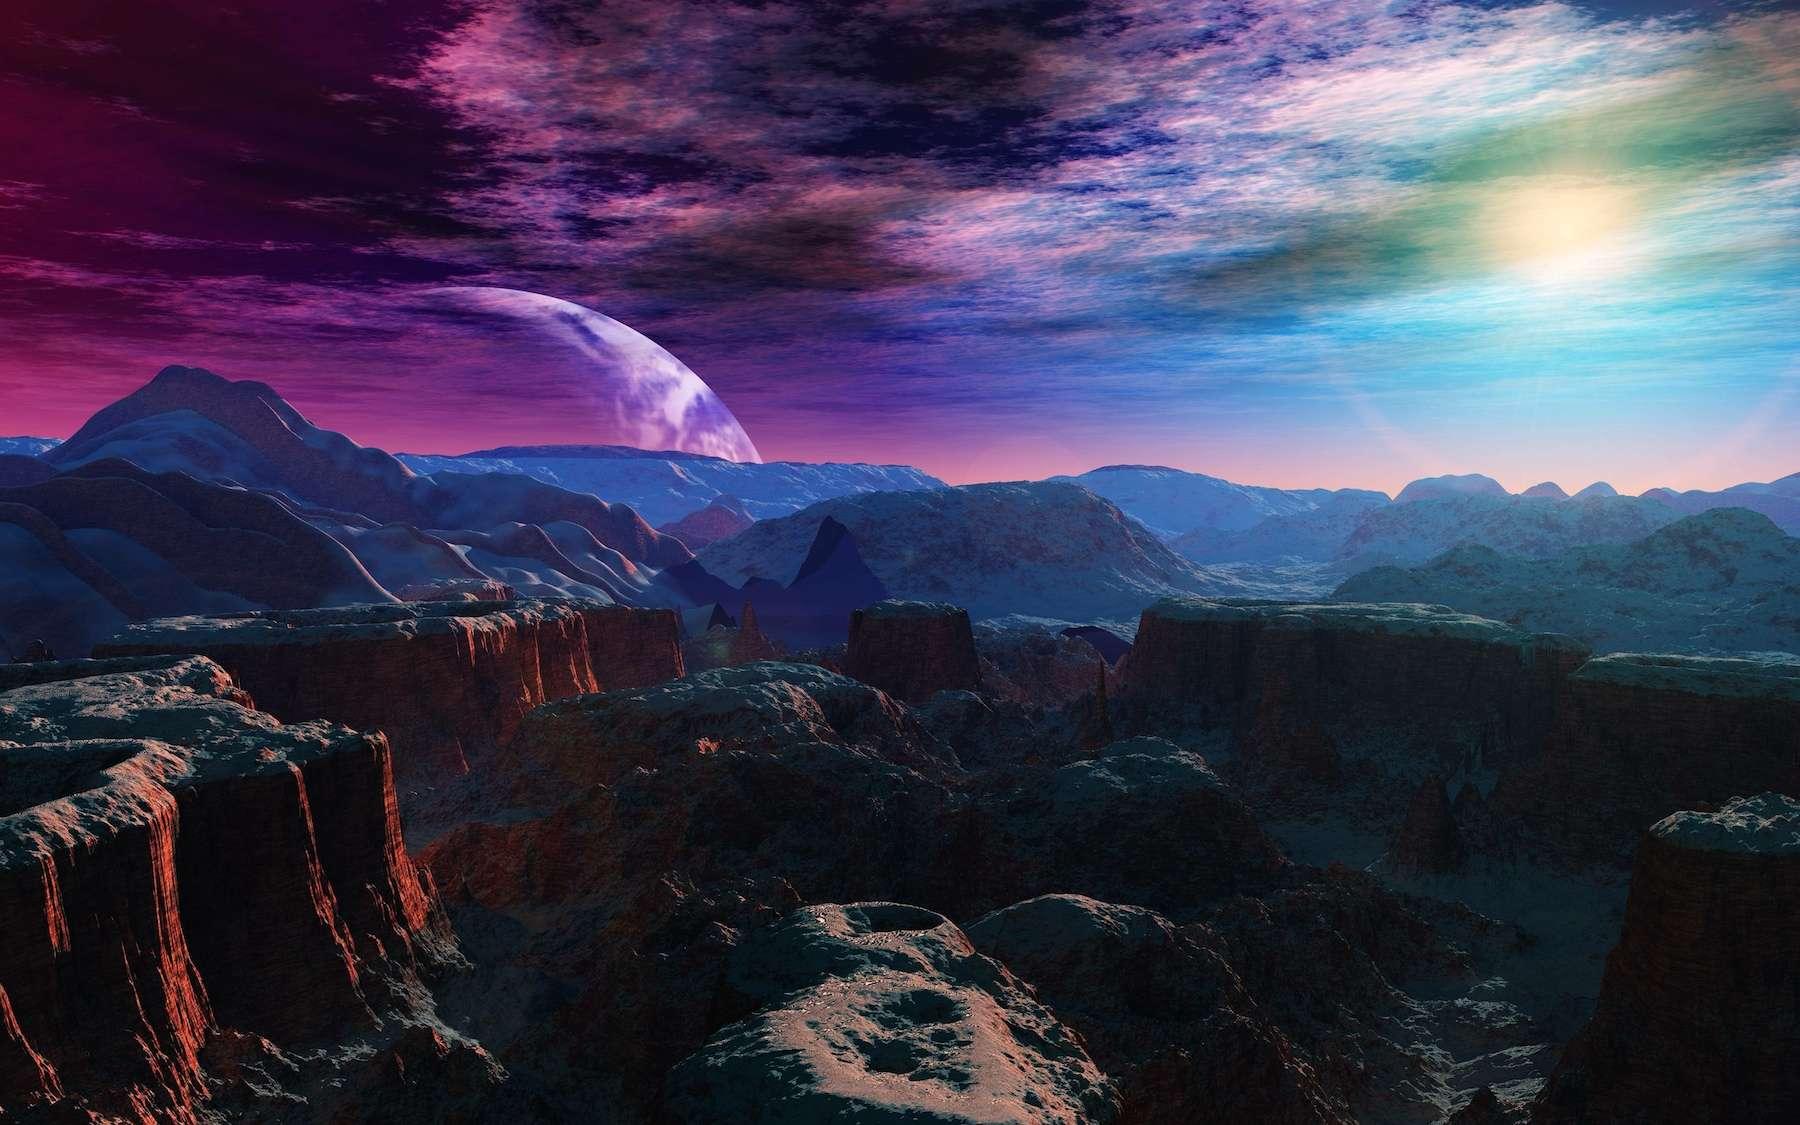 Une étoile pourrait héberger jusqu'à sept exoterres. © ustas, Adobe Stock